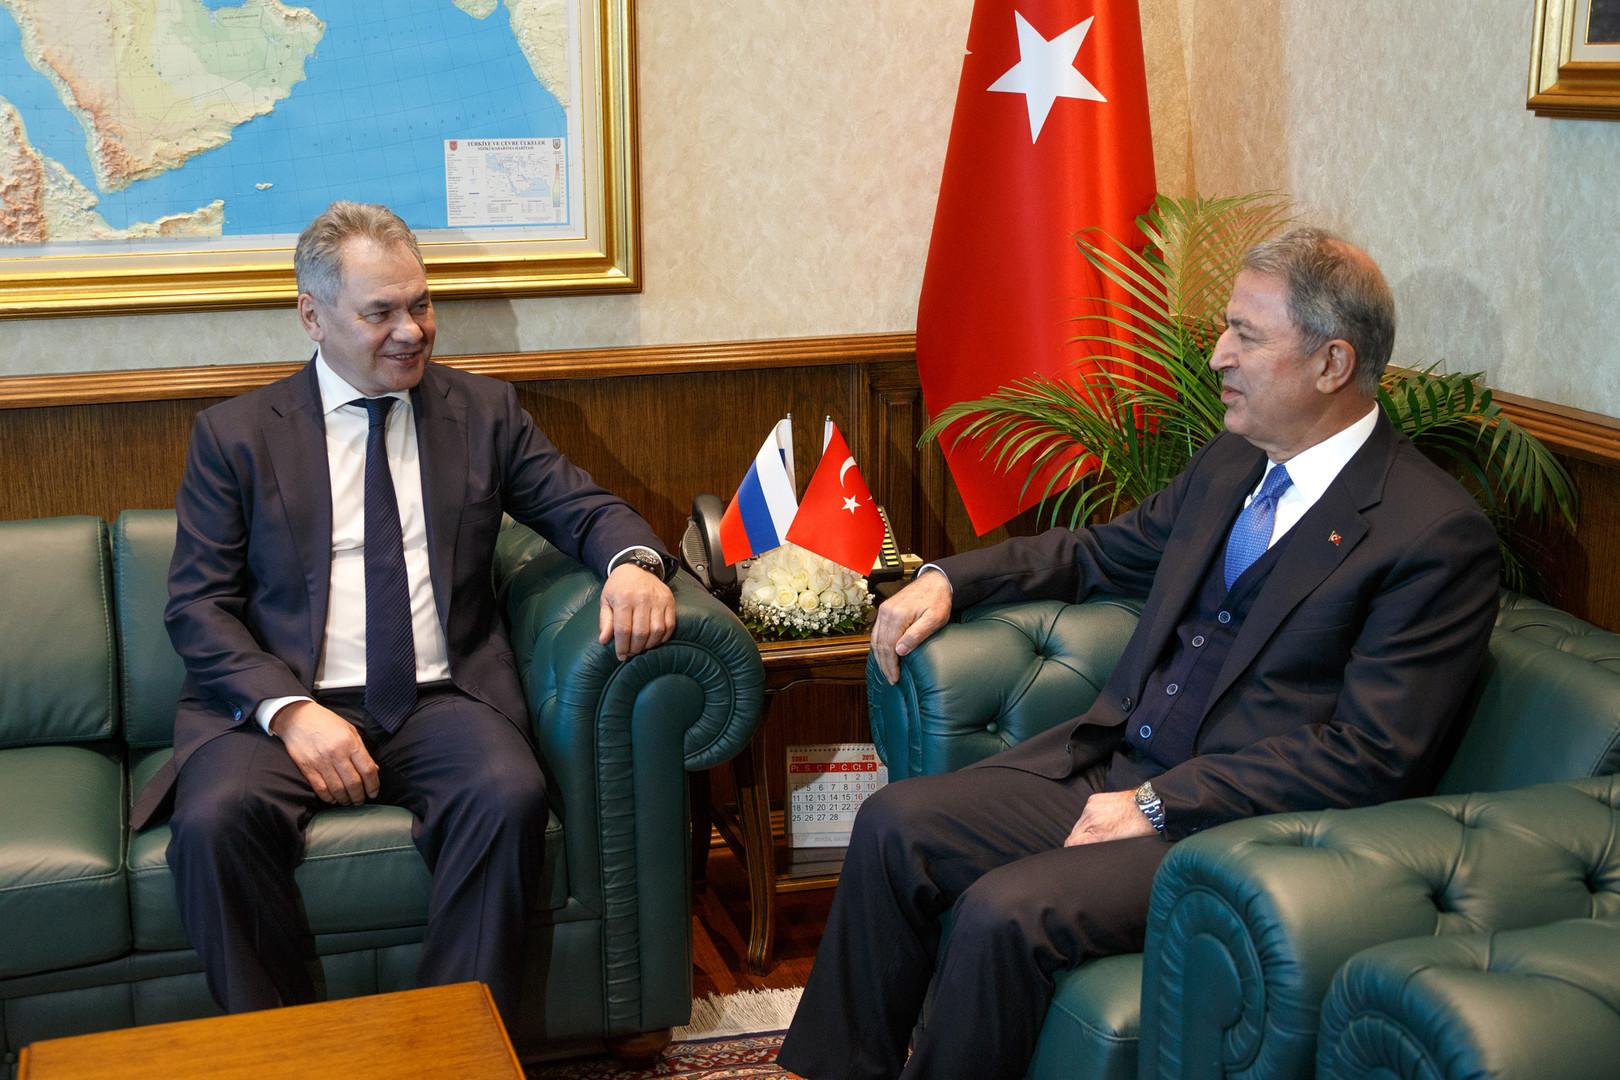 وزير الدفاع التركي، خلوصي أكار، ونظيره الروسي، سيرغي شويغو، خلال لقائهما في أنقرة يوم 11 فبراير 2019